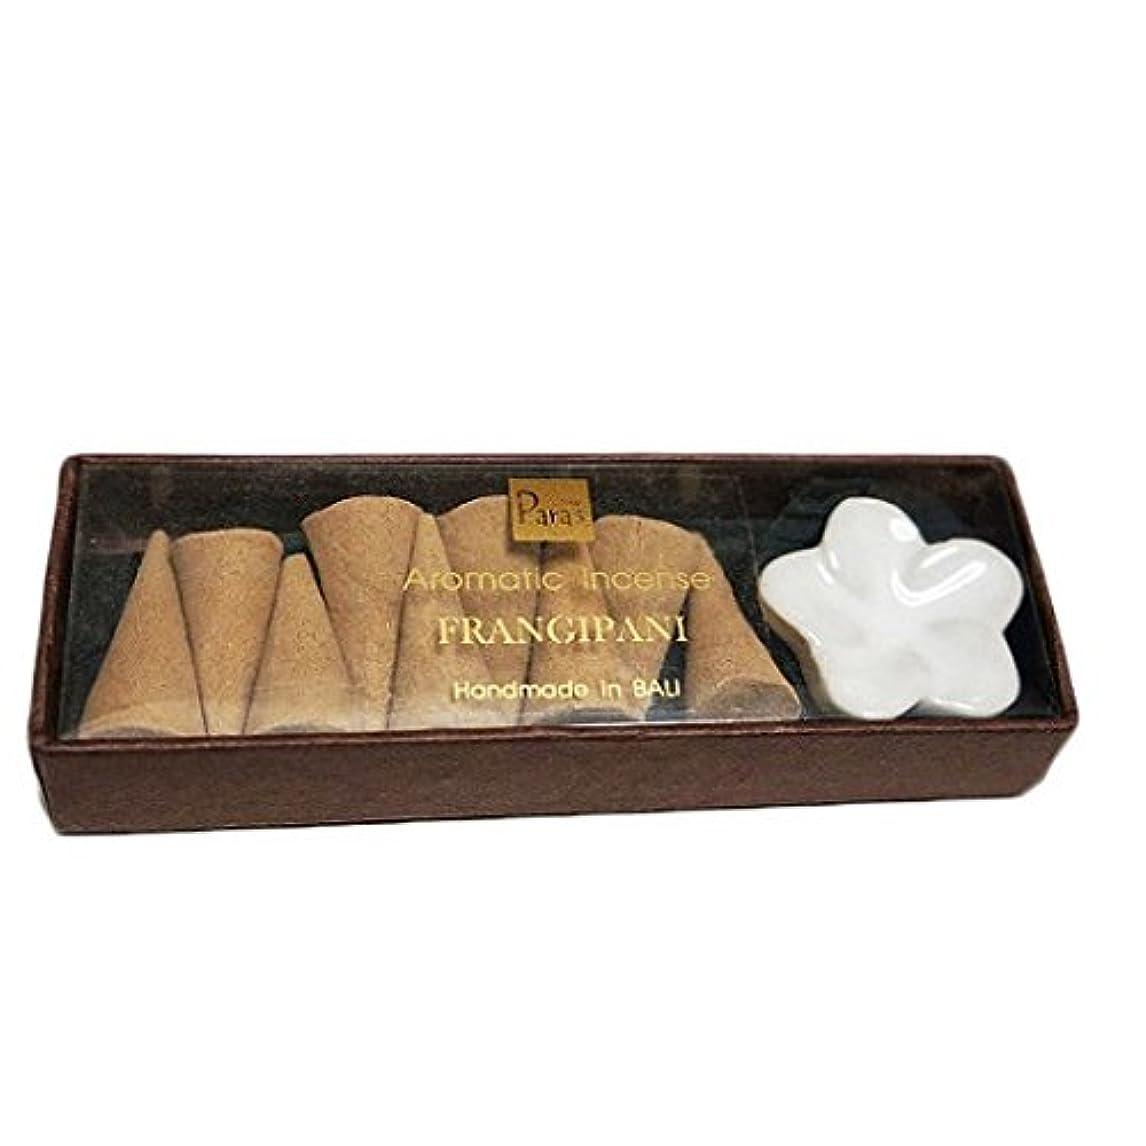 ラップ各れんがフランジパニ お香セット【トコパラス TOKO PARAS】バリ島 フランジパニの陶器のお香立て付き ナチュラルハンドメイドのお香